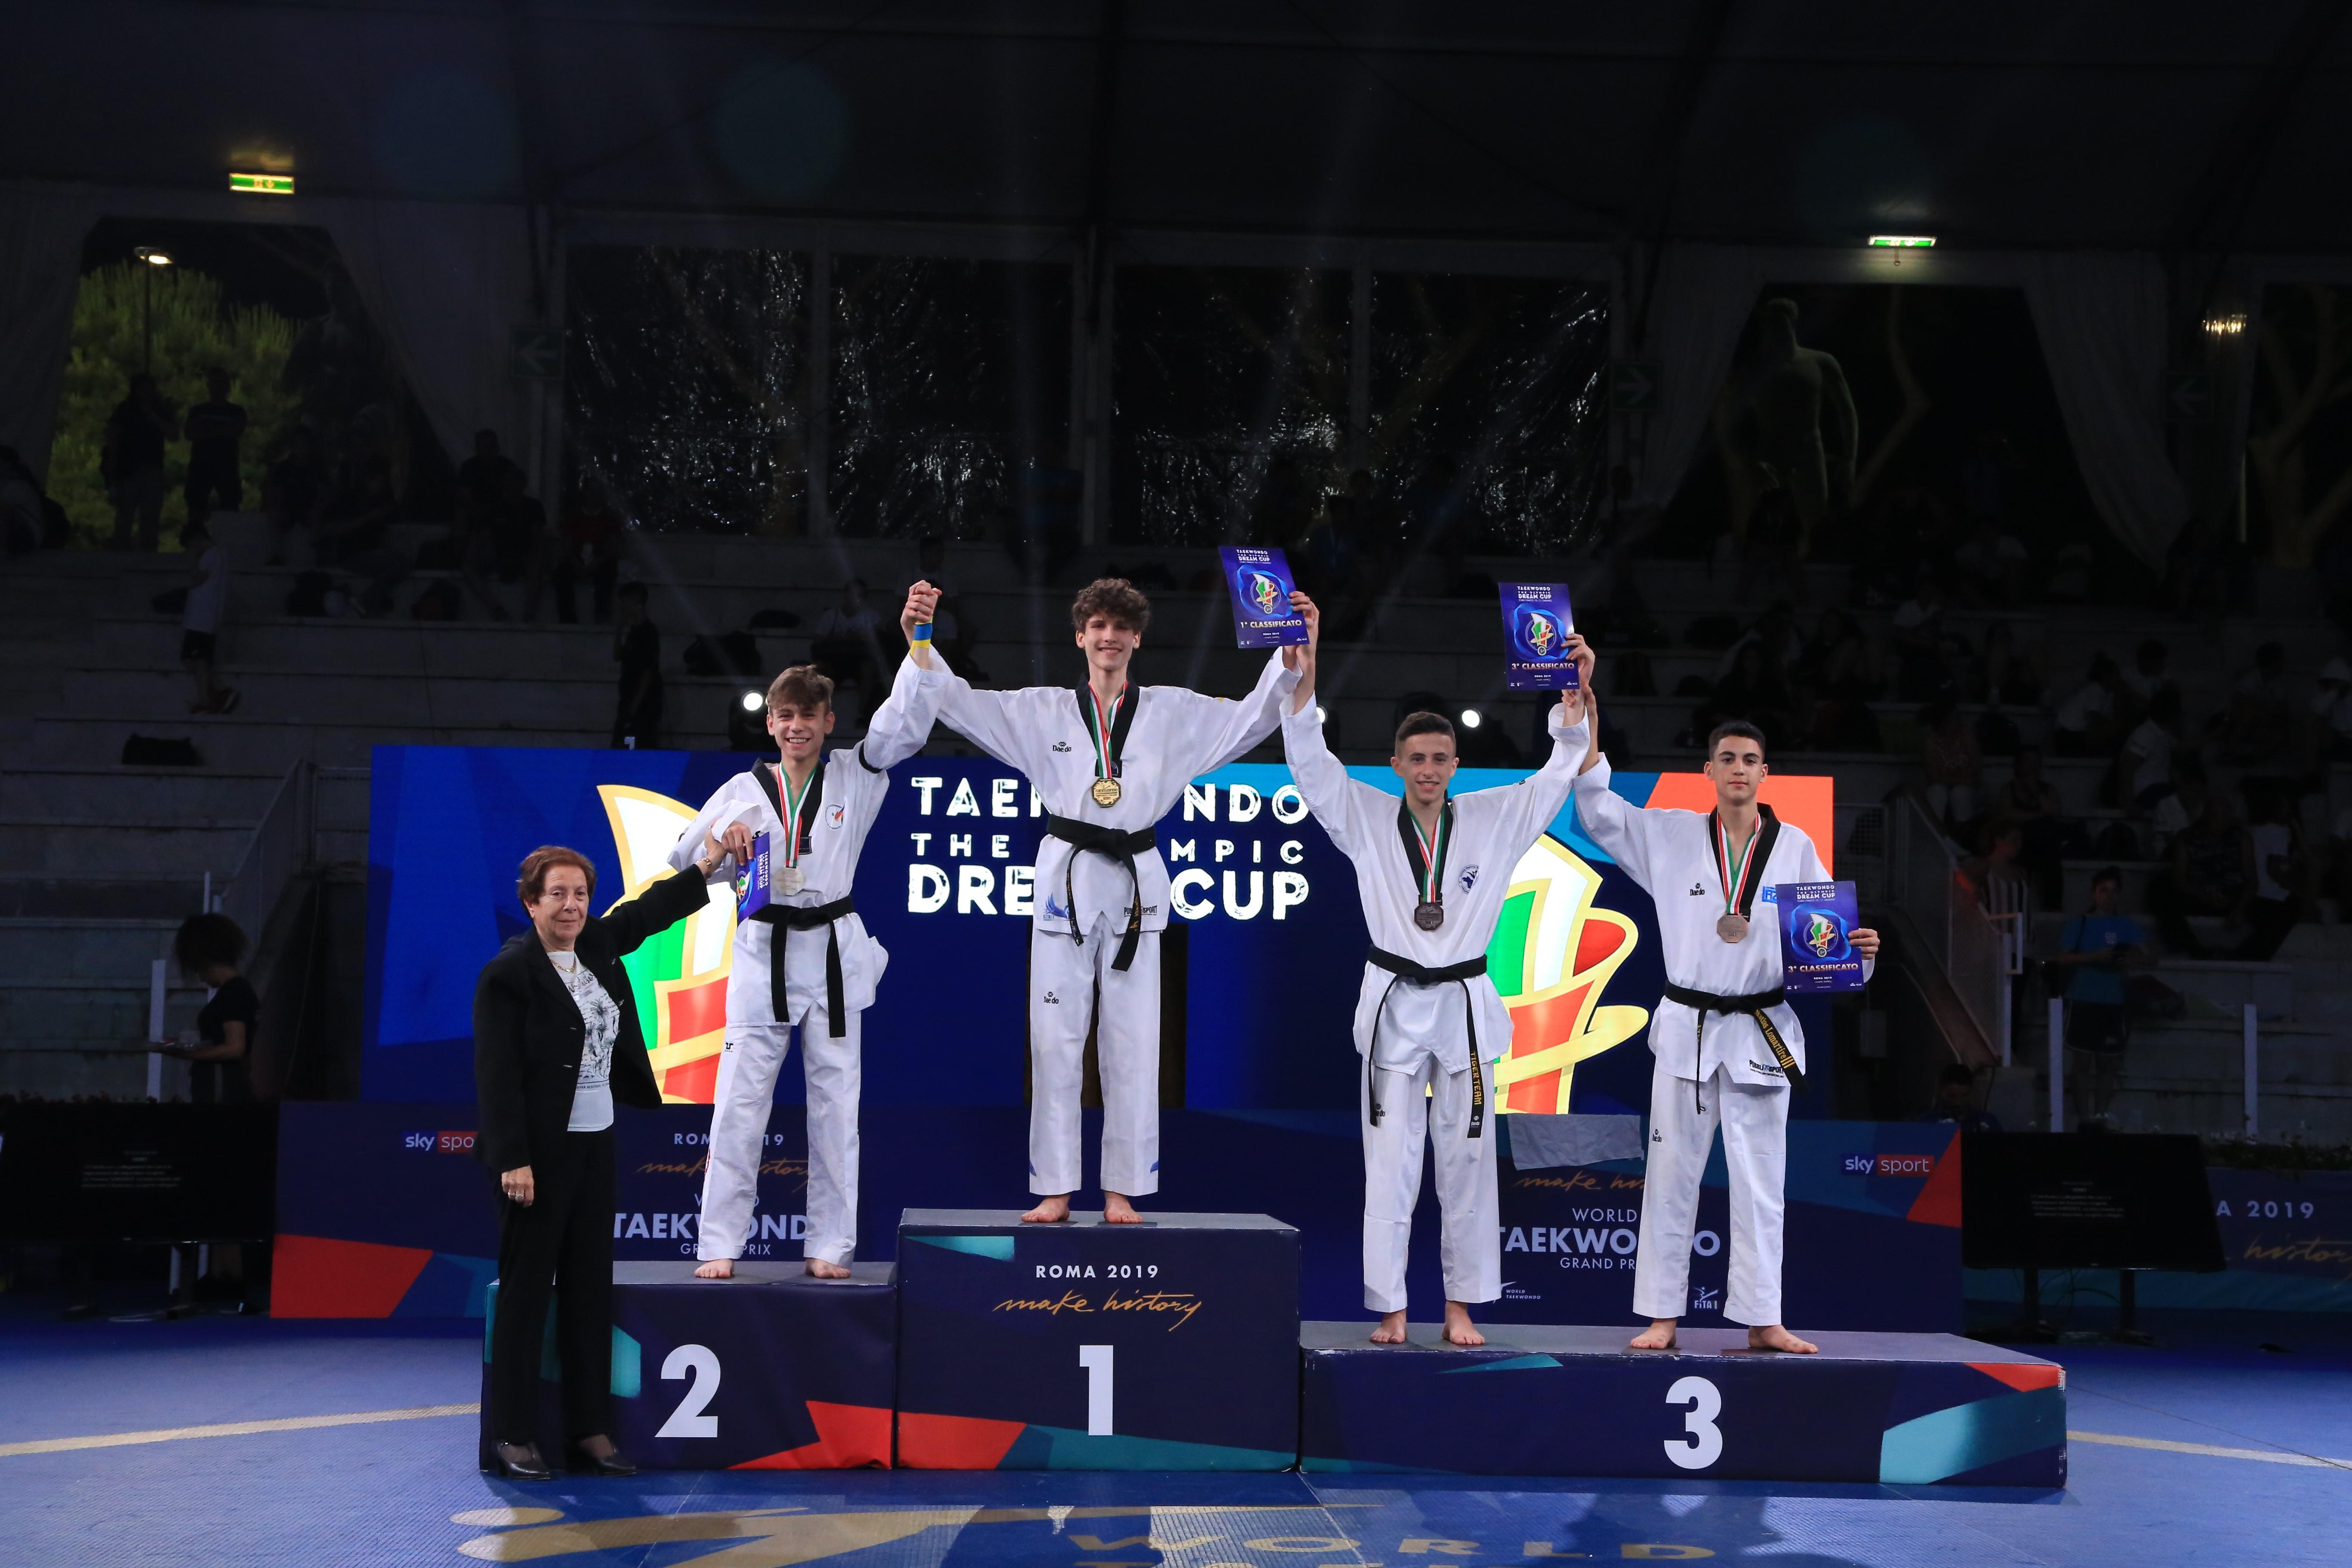 Oro per Andrea Conti della Asd Nrgym Taekwondo Arezzo all'Olympic Dream Cup 2019